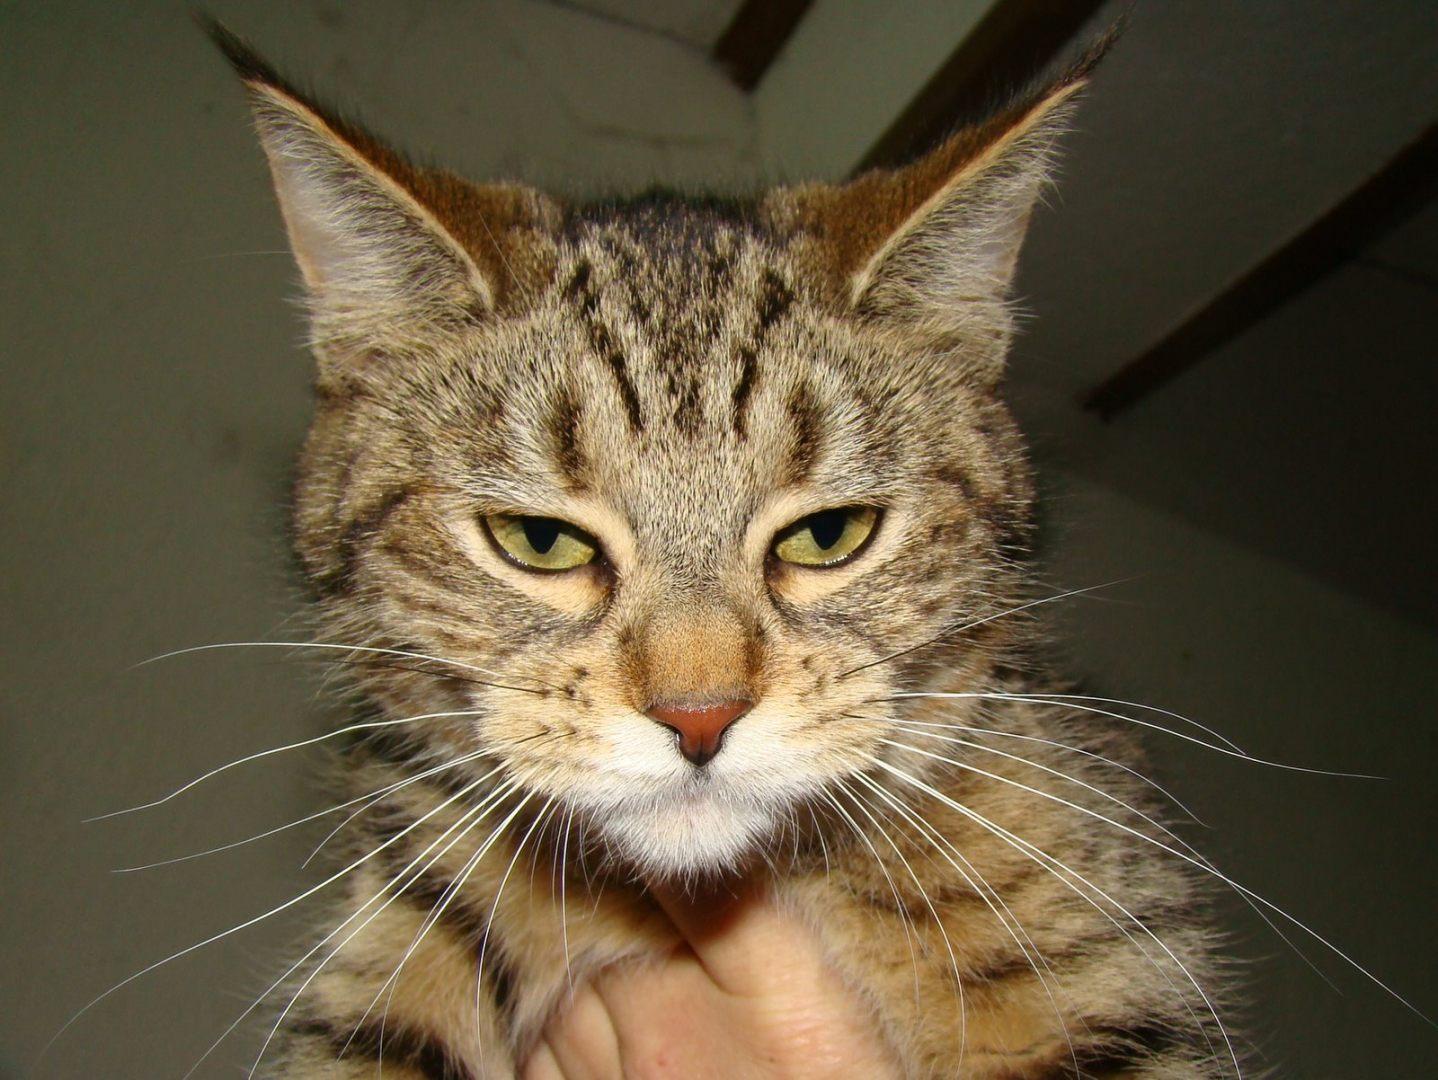 организация отдыха коты с кисточками на ушах фото осетия